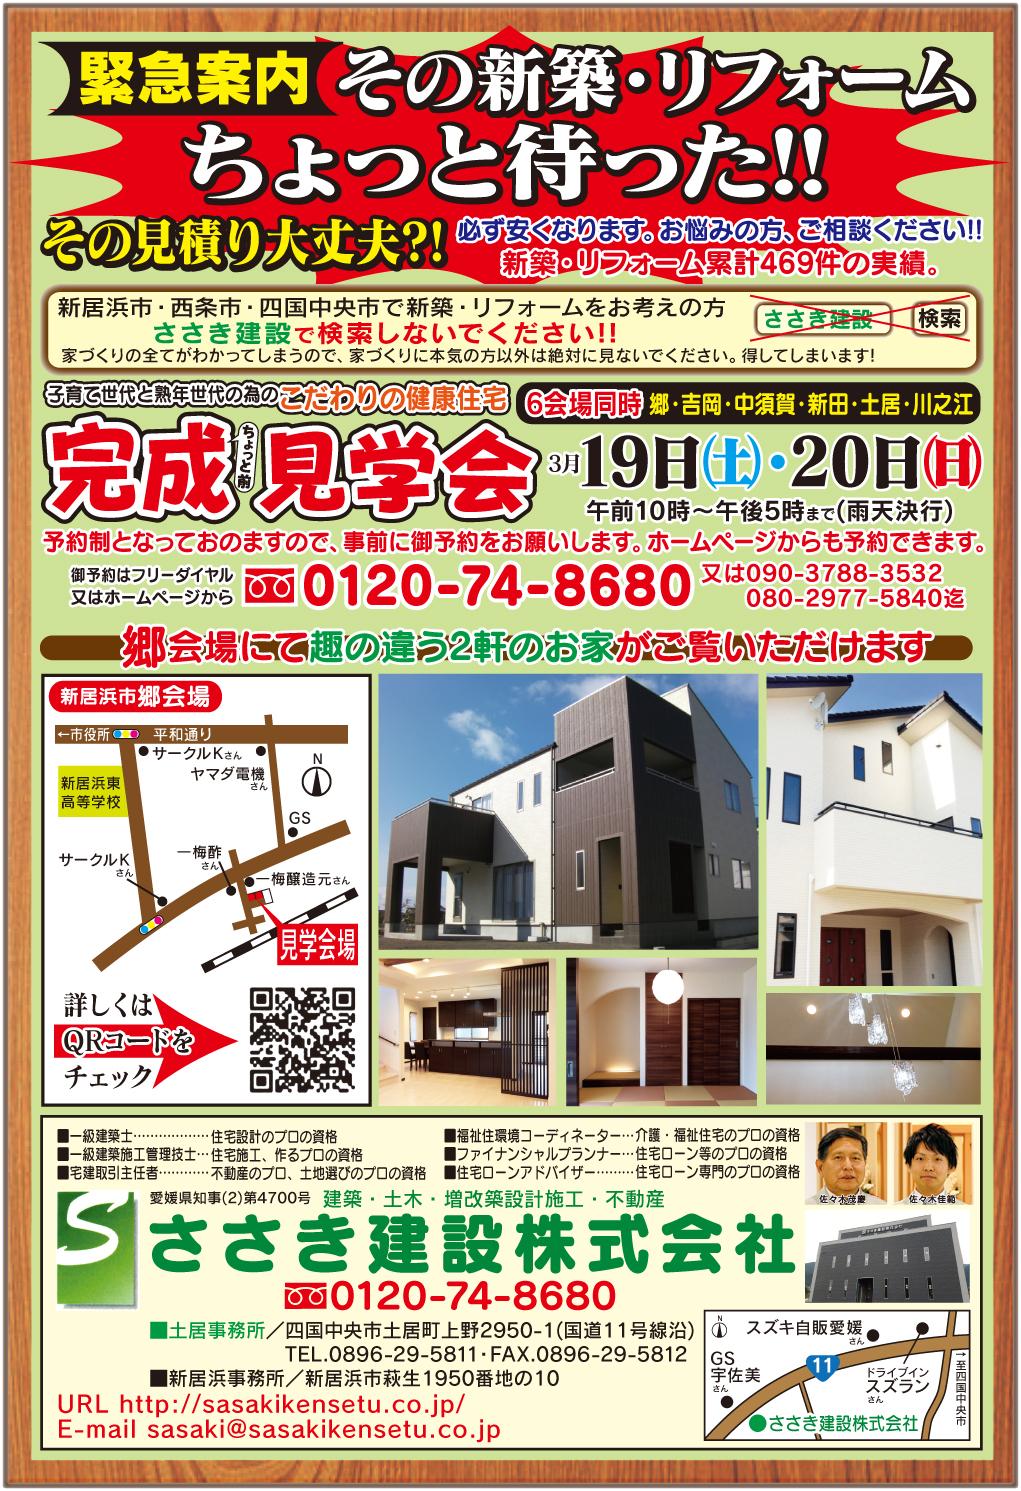 四国中央市でオール電化のチラシ画像